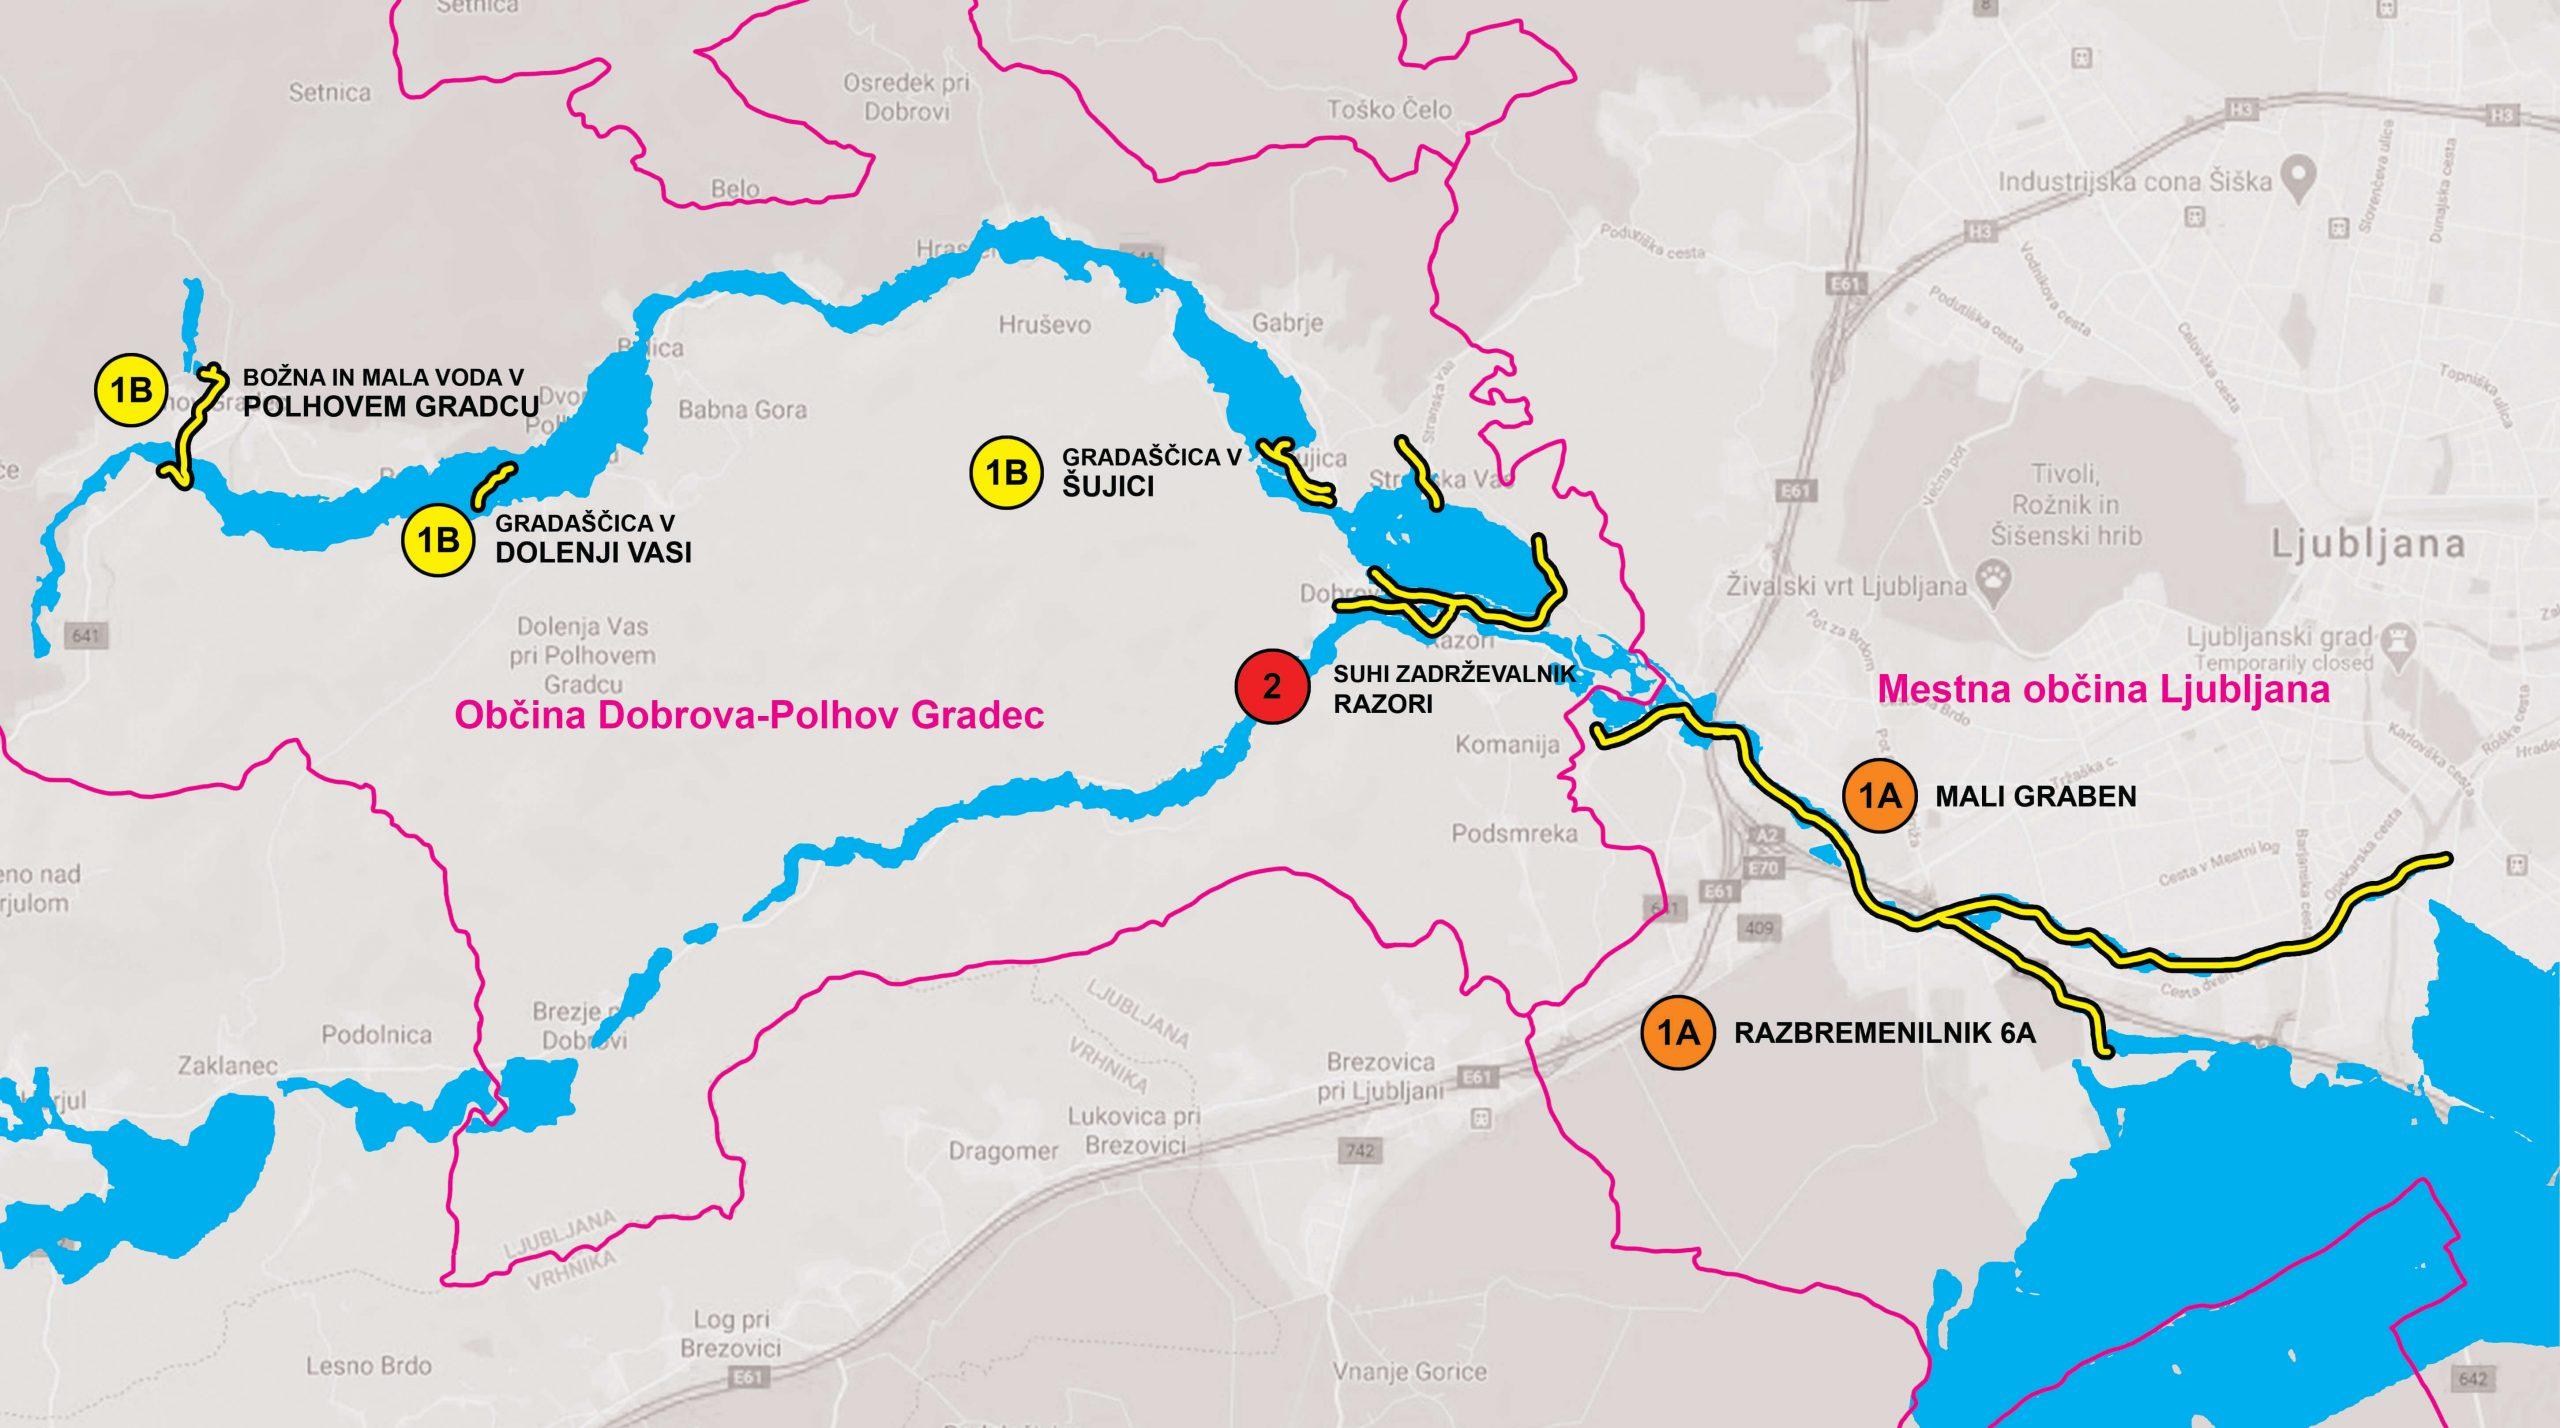 Zemljevid etap projekta